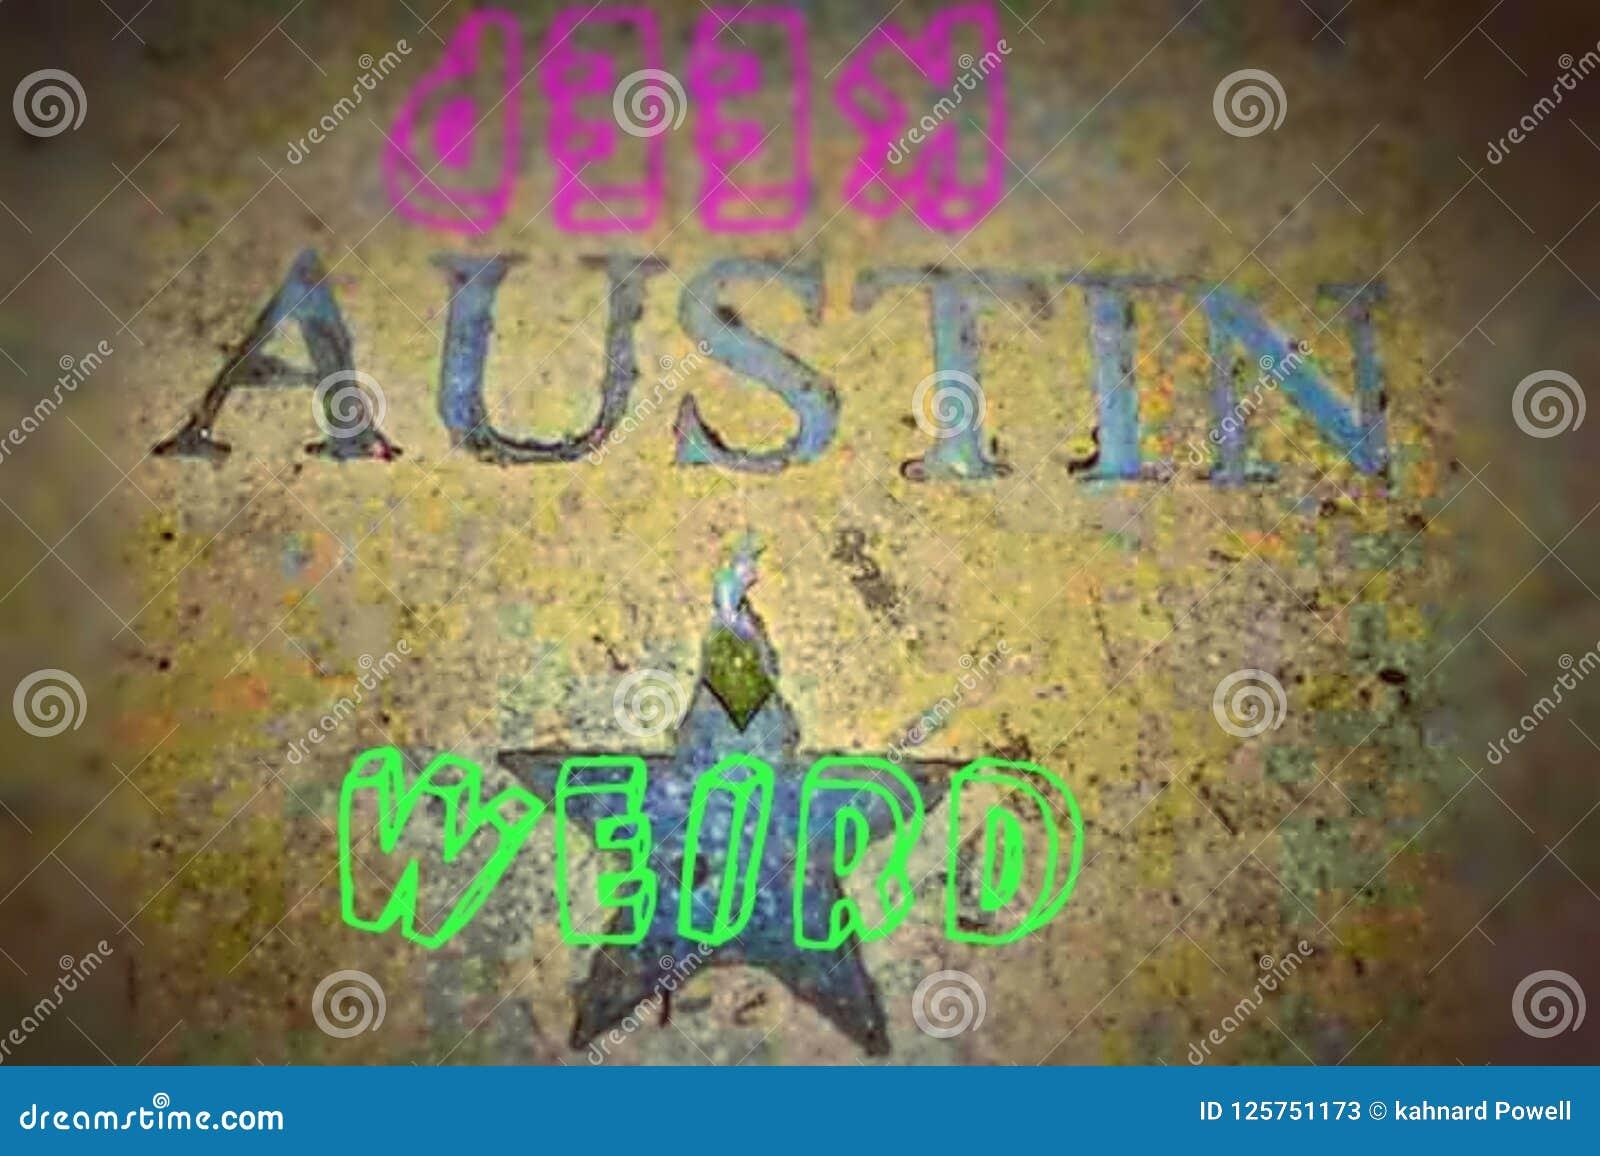 Utrzymuje Austin Dziwny